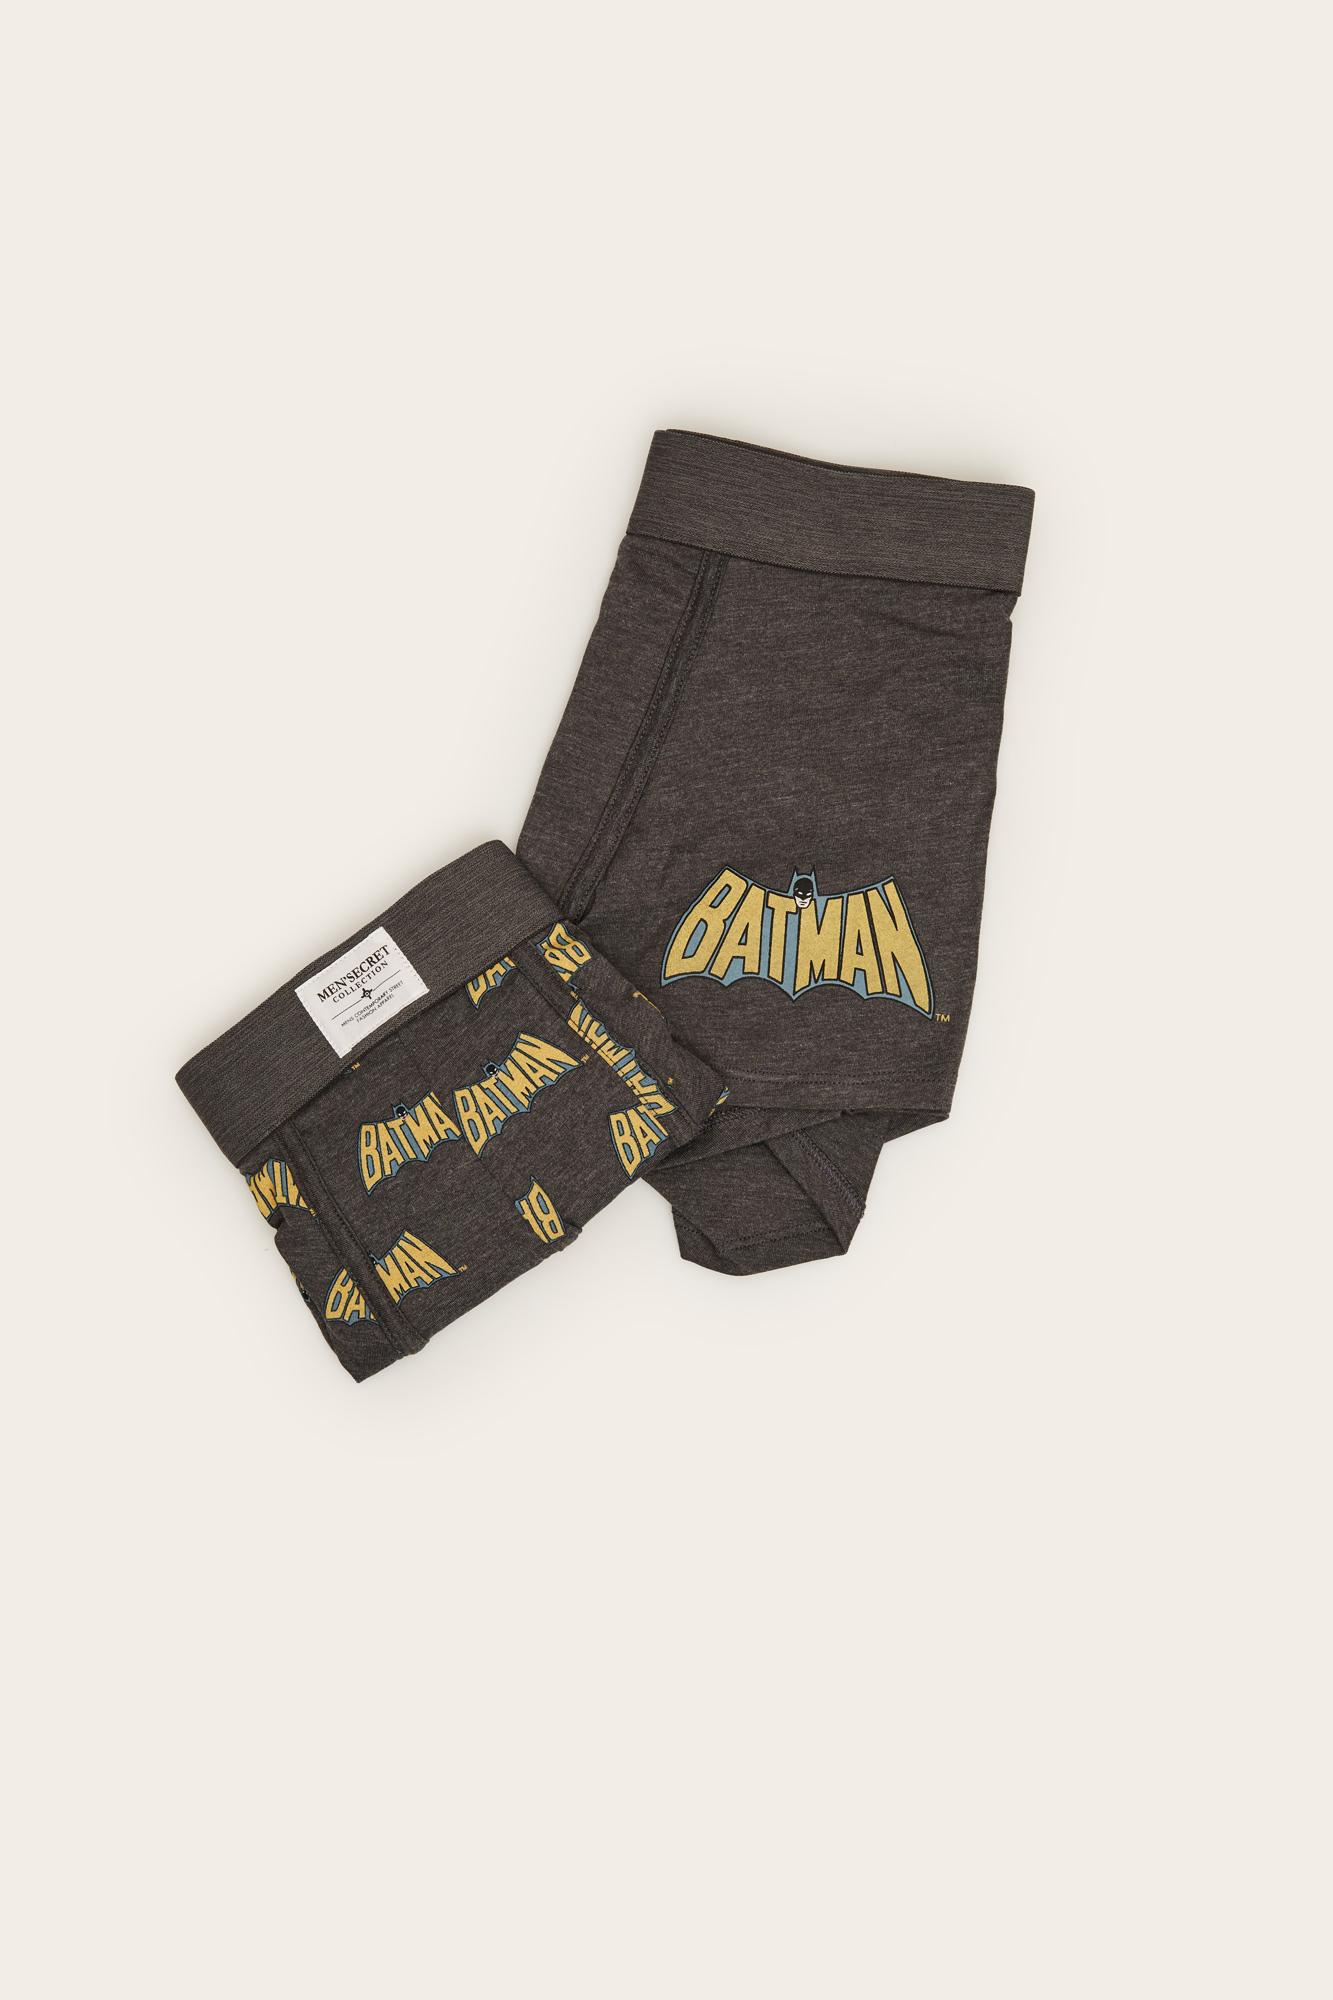 Pack 2 boxers Batman | Men'secret | Women'secret